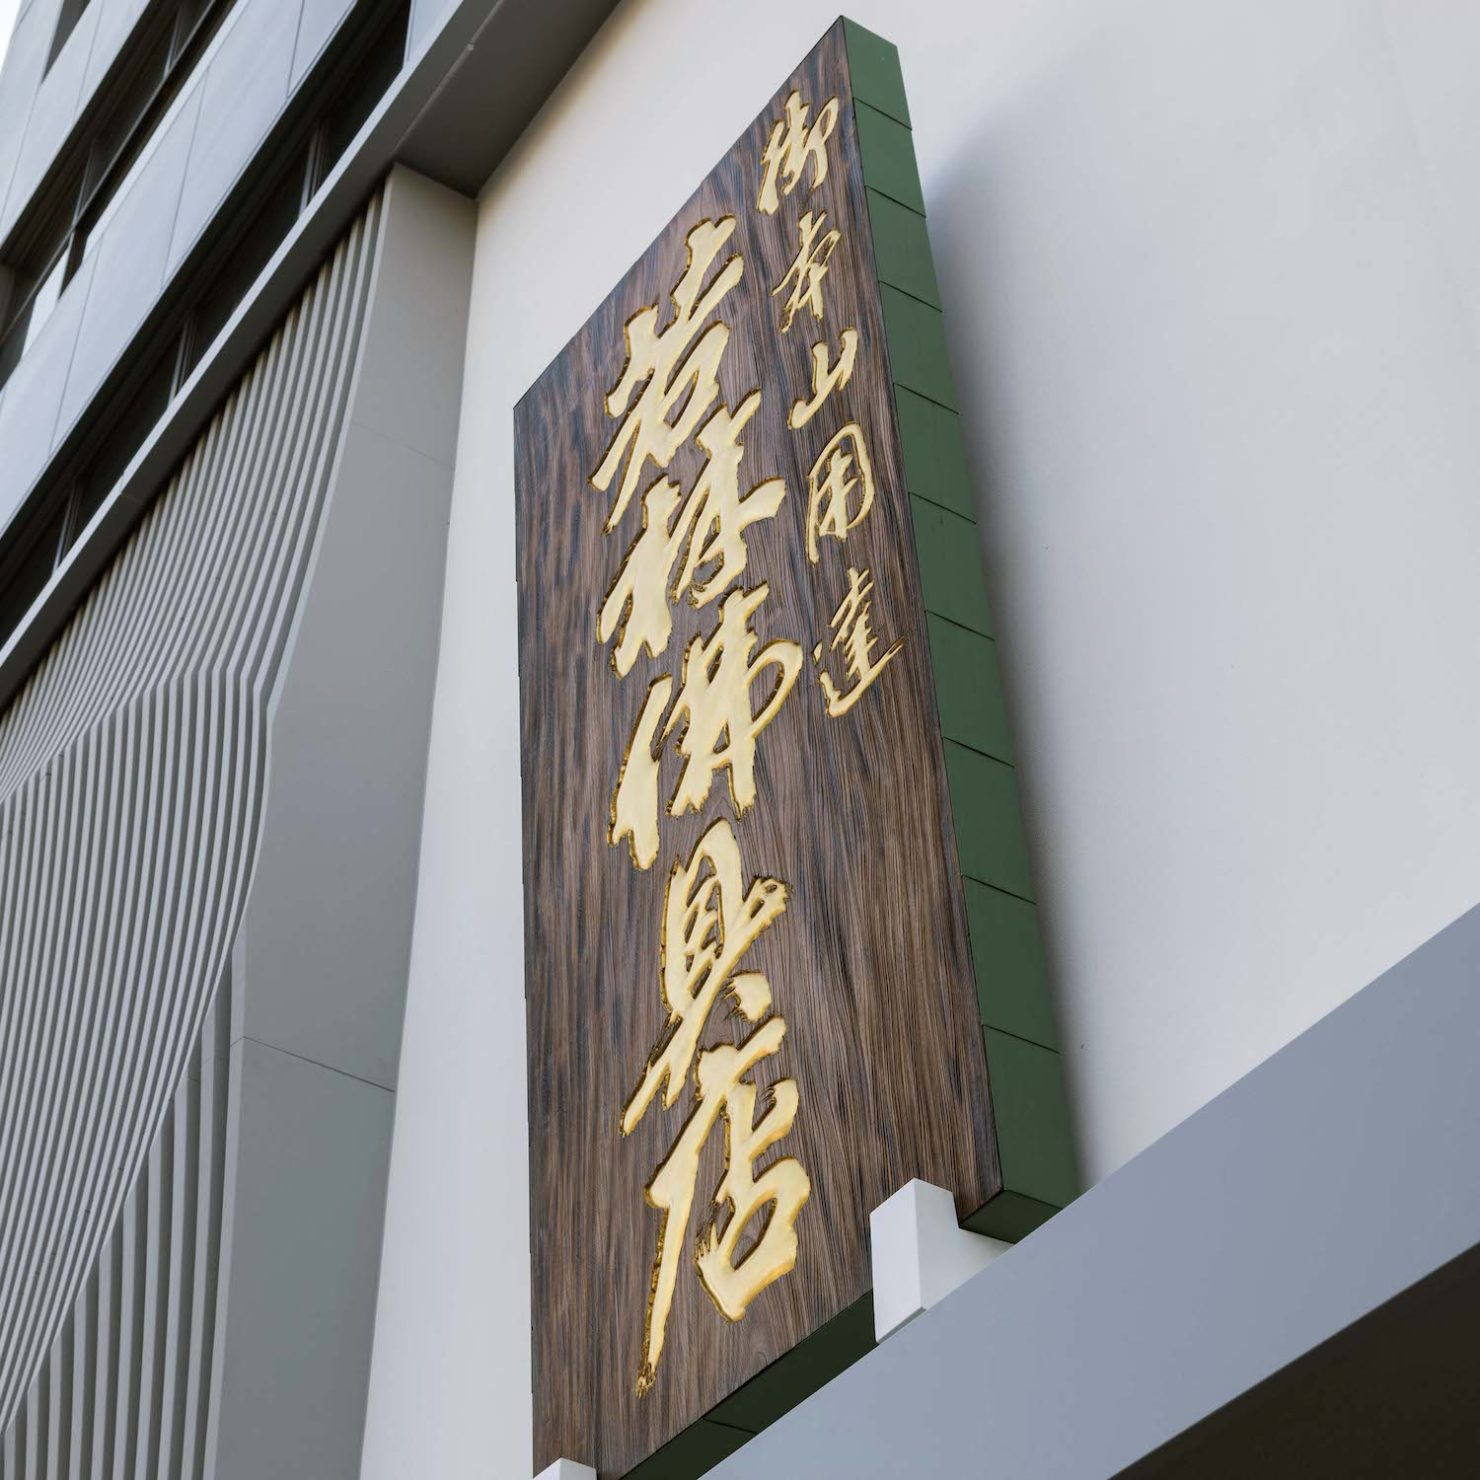 若林佛具製作所 京都本店 外観 看板